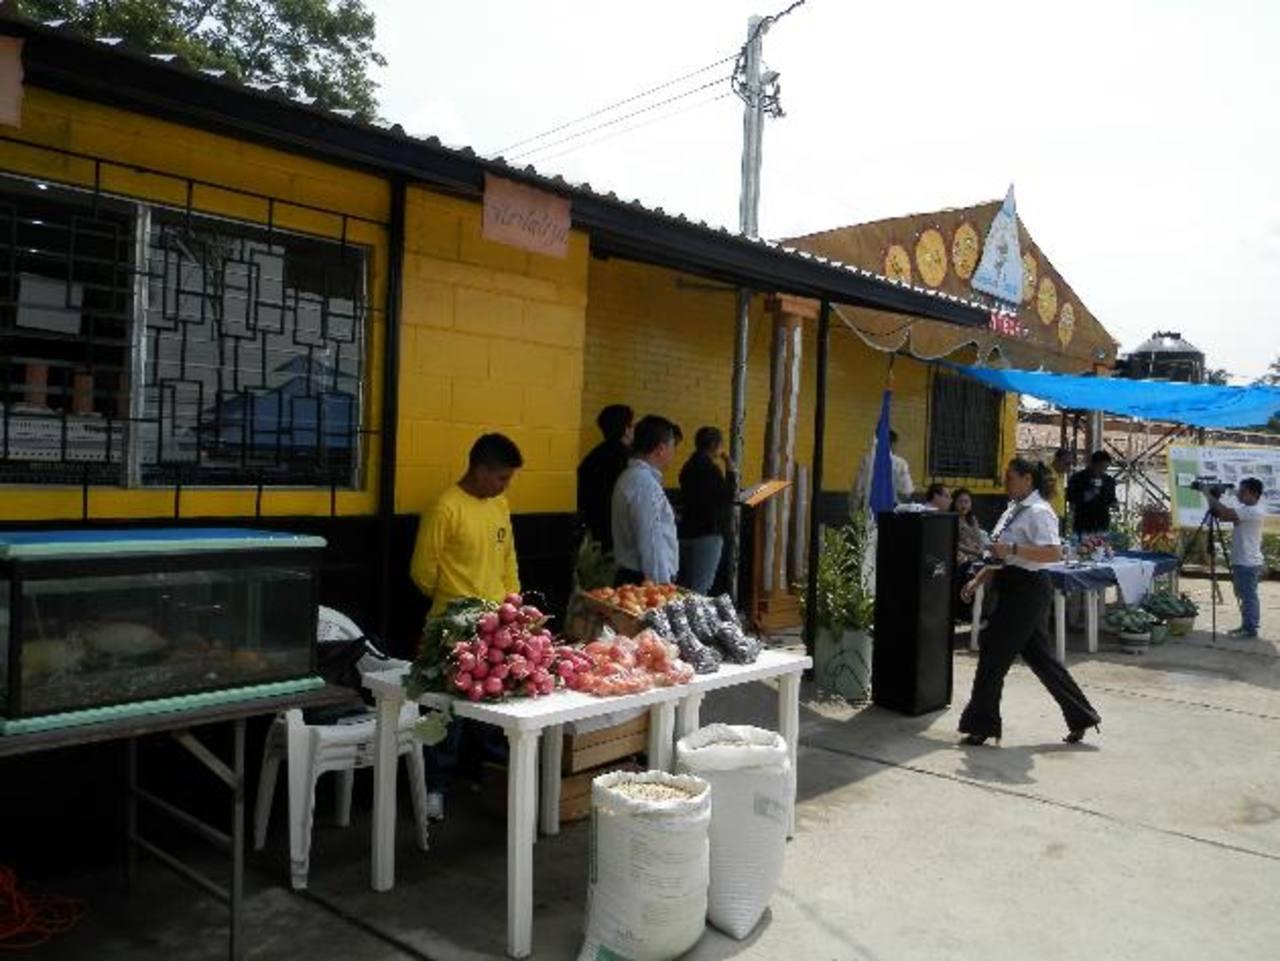 La tienda está habilitada en el recinto penitenciario, ubicado en la carretera hacia Metapán. Foto EDH / Milton jaco